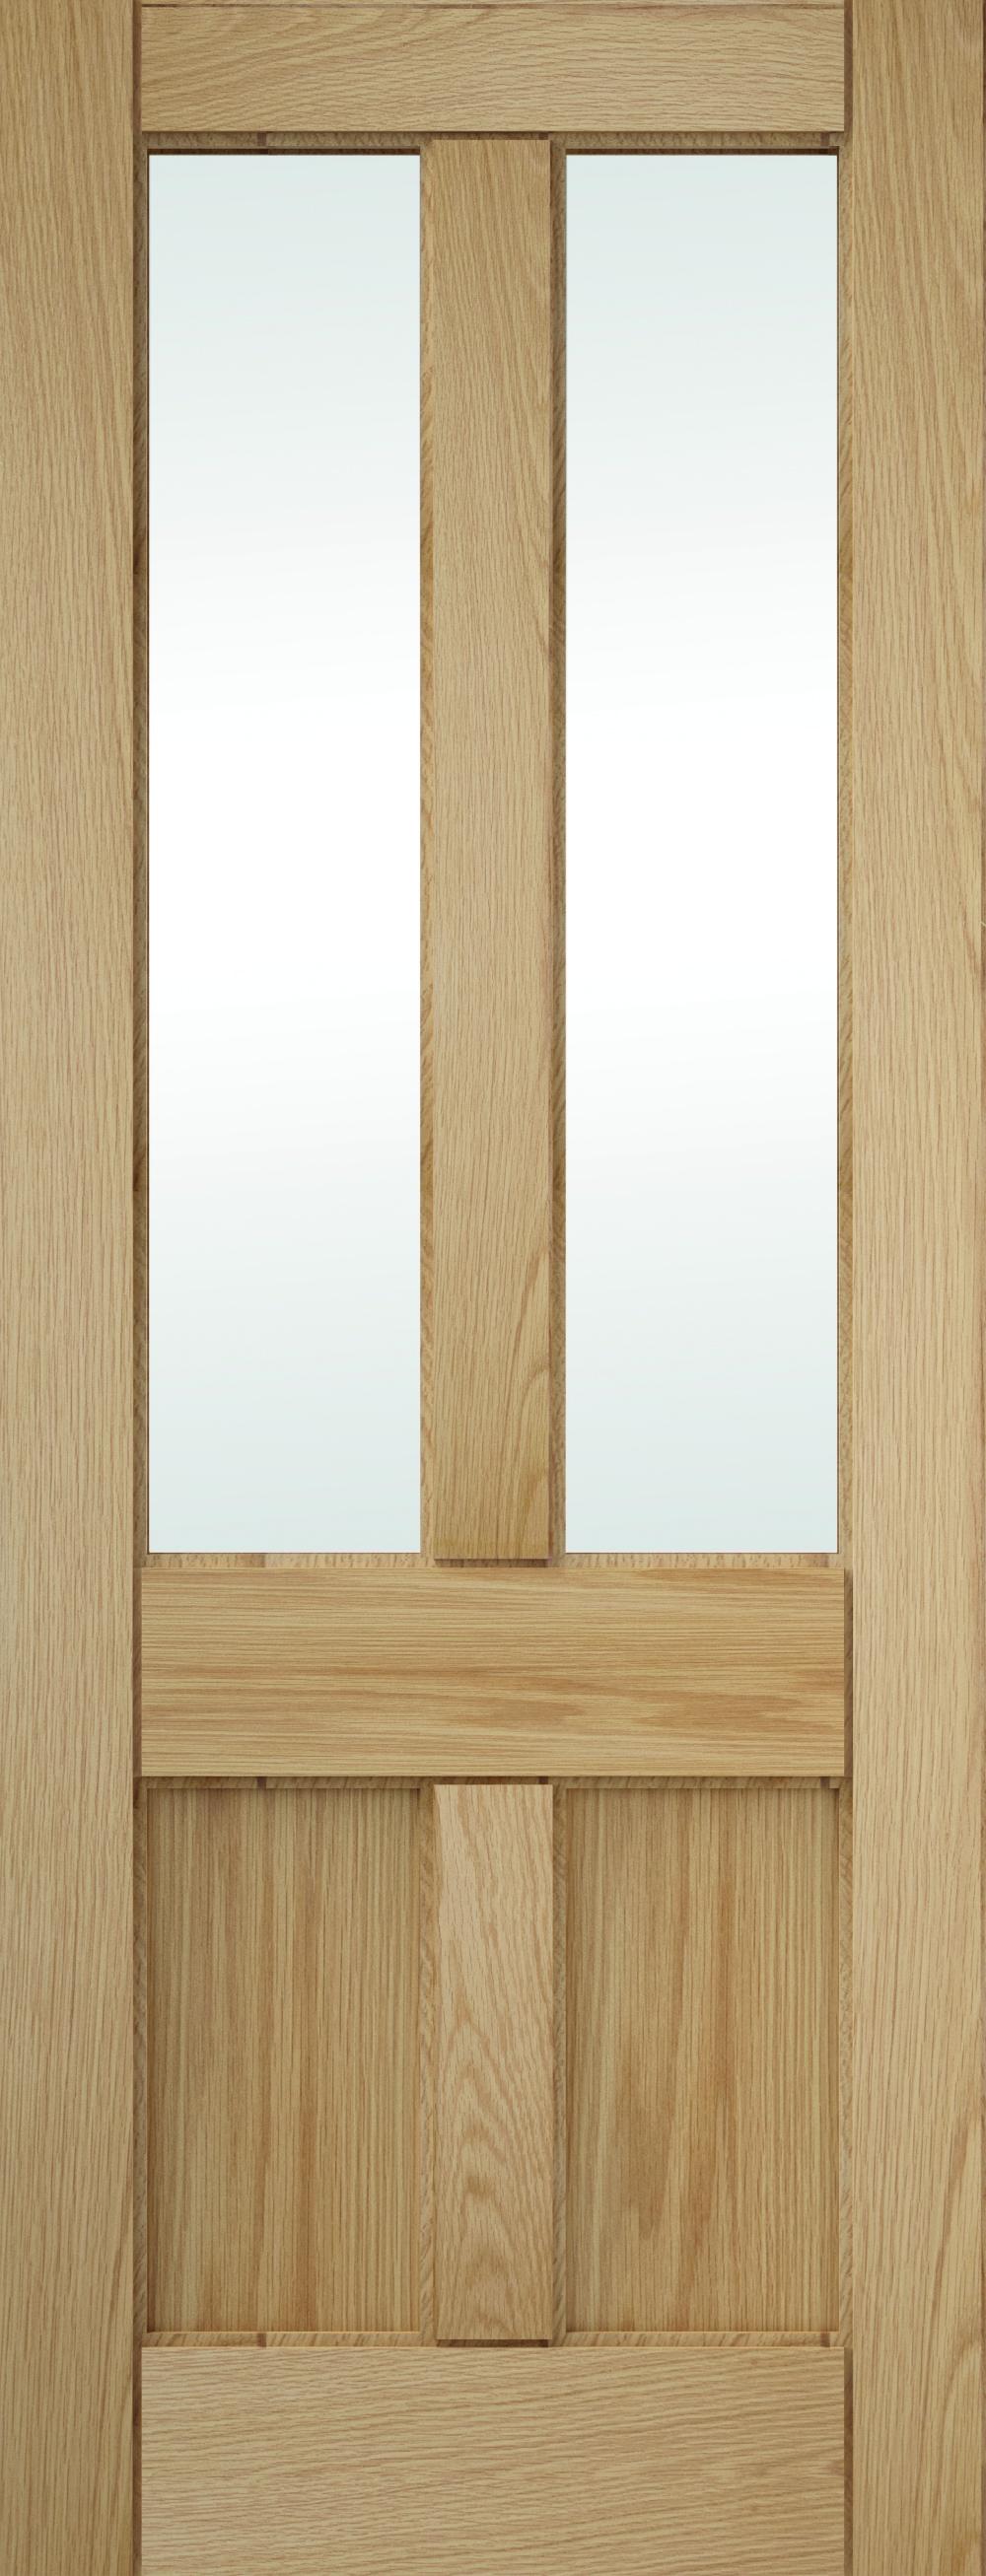 4 Panel Clear Glazed Oak